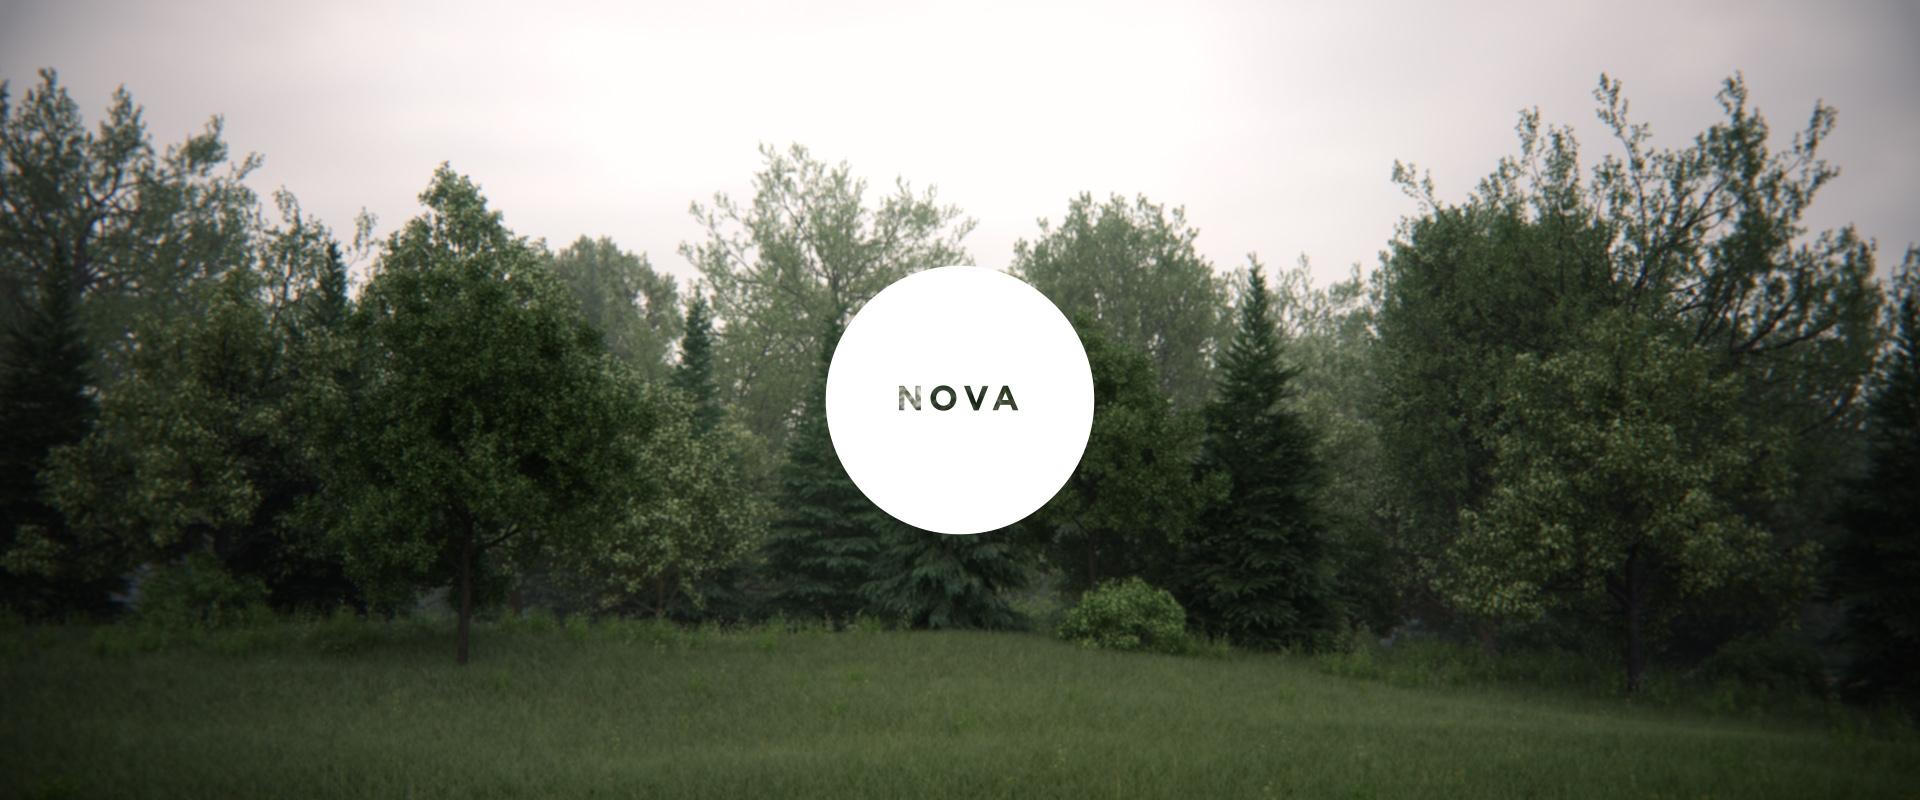 nova_print_1.jpg